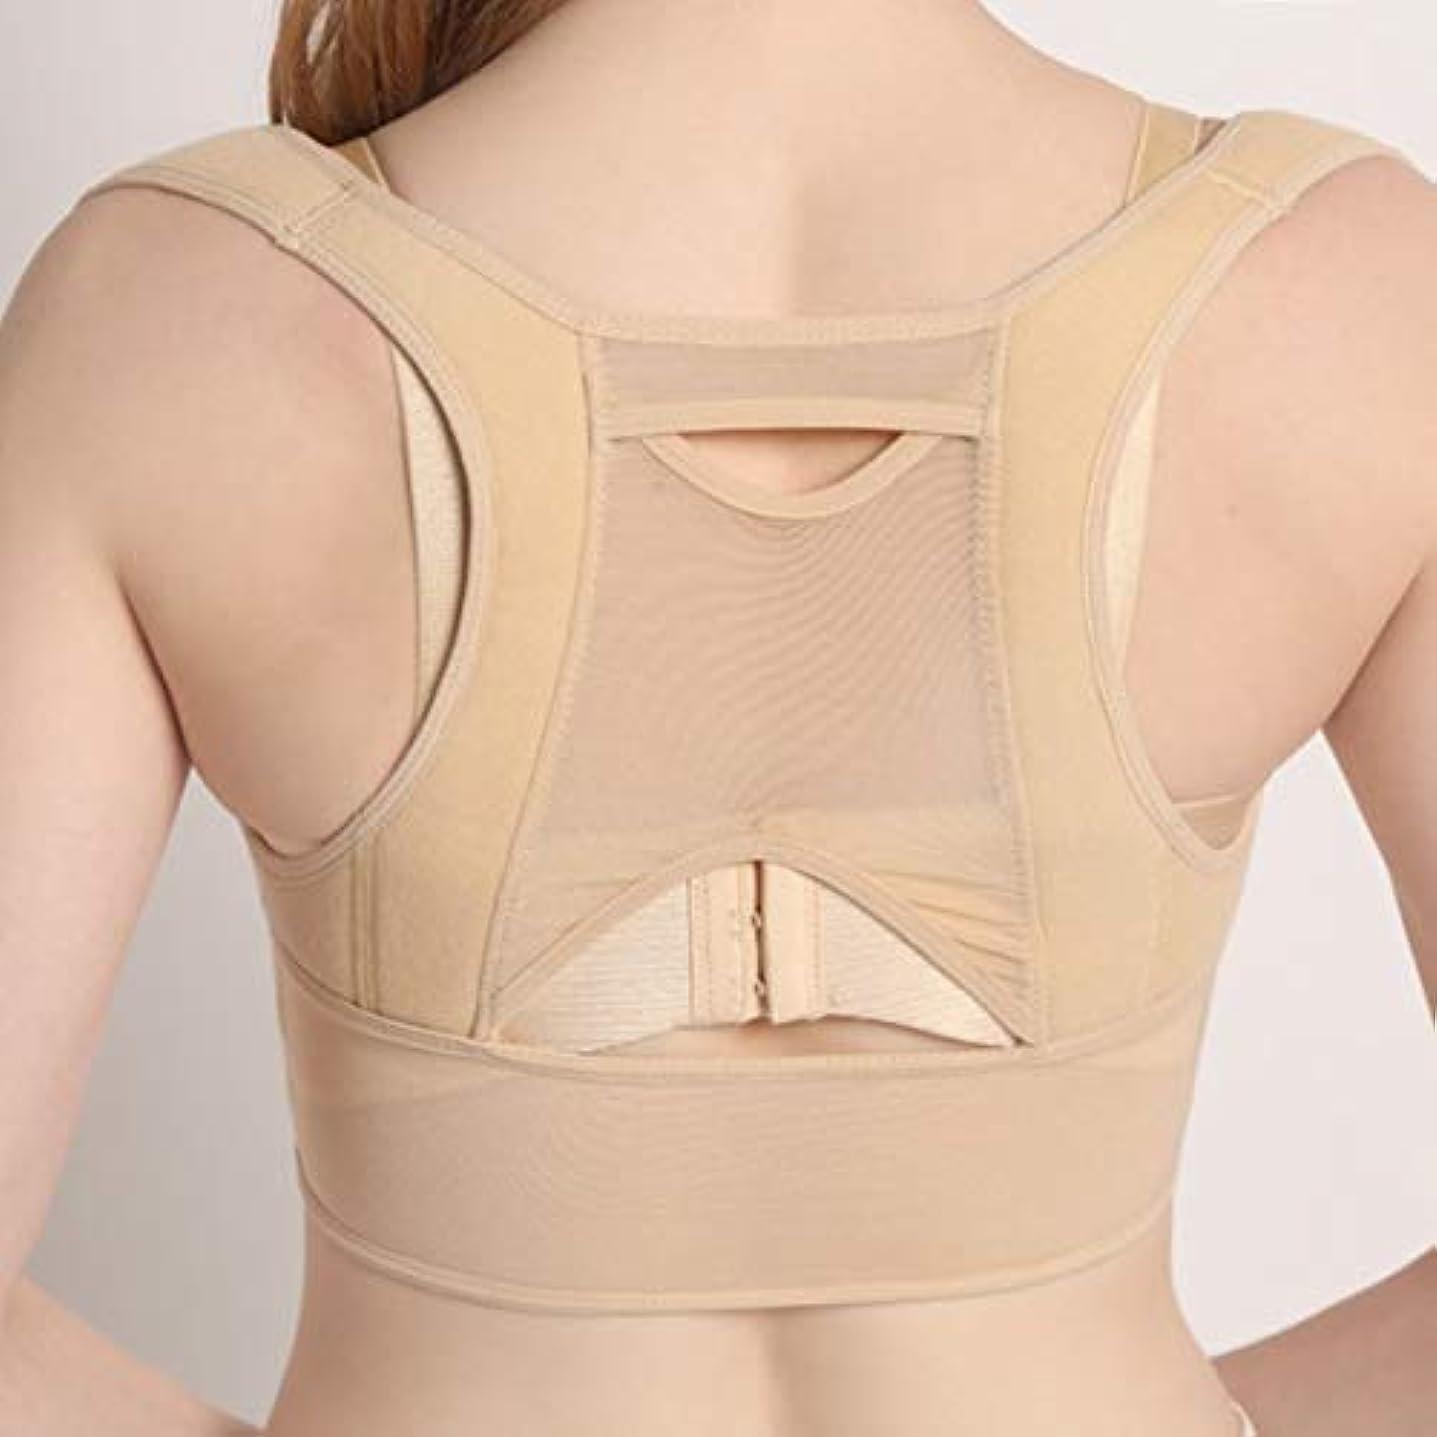 合意頑張るあいまいさインターコアリーボディーコレクション 女性背部姿勢矯正コルセット整形外科肩こり脊椎姿勢矯正腰椎サポート